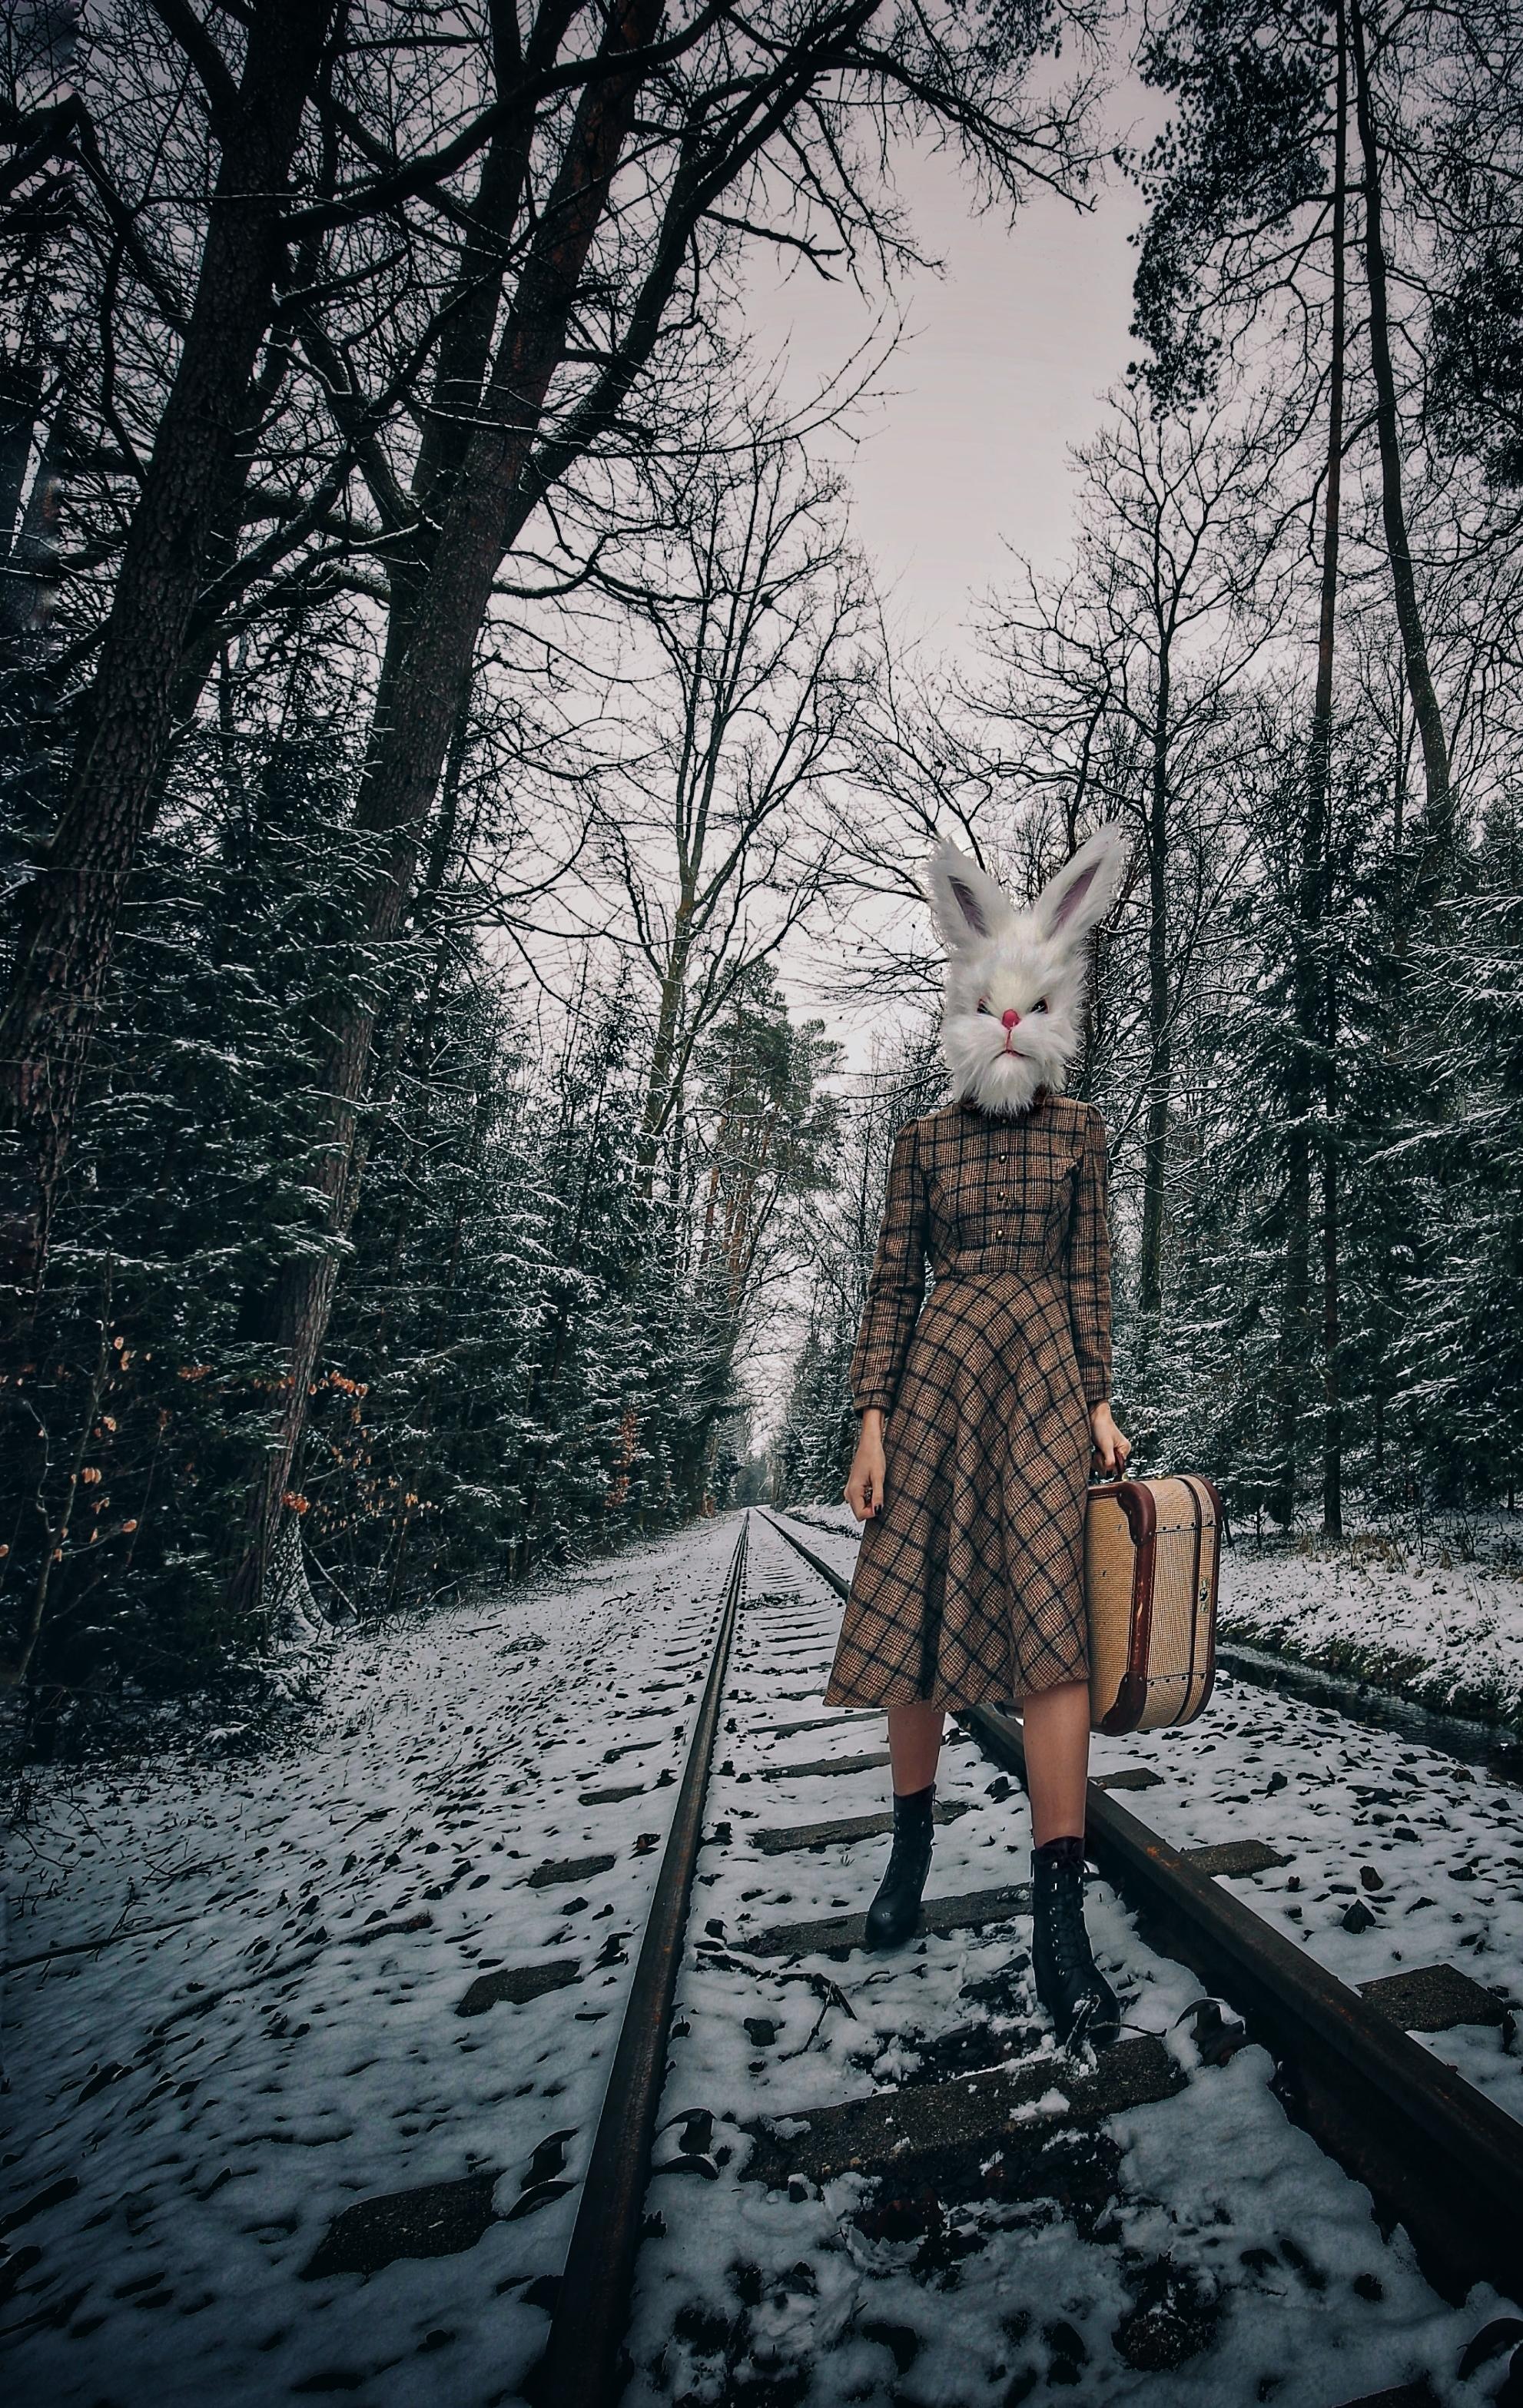 PetraH-Bunny-6